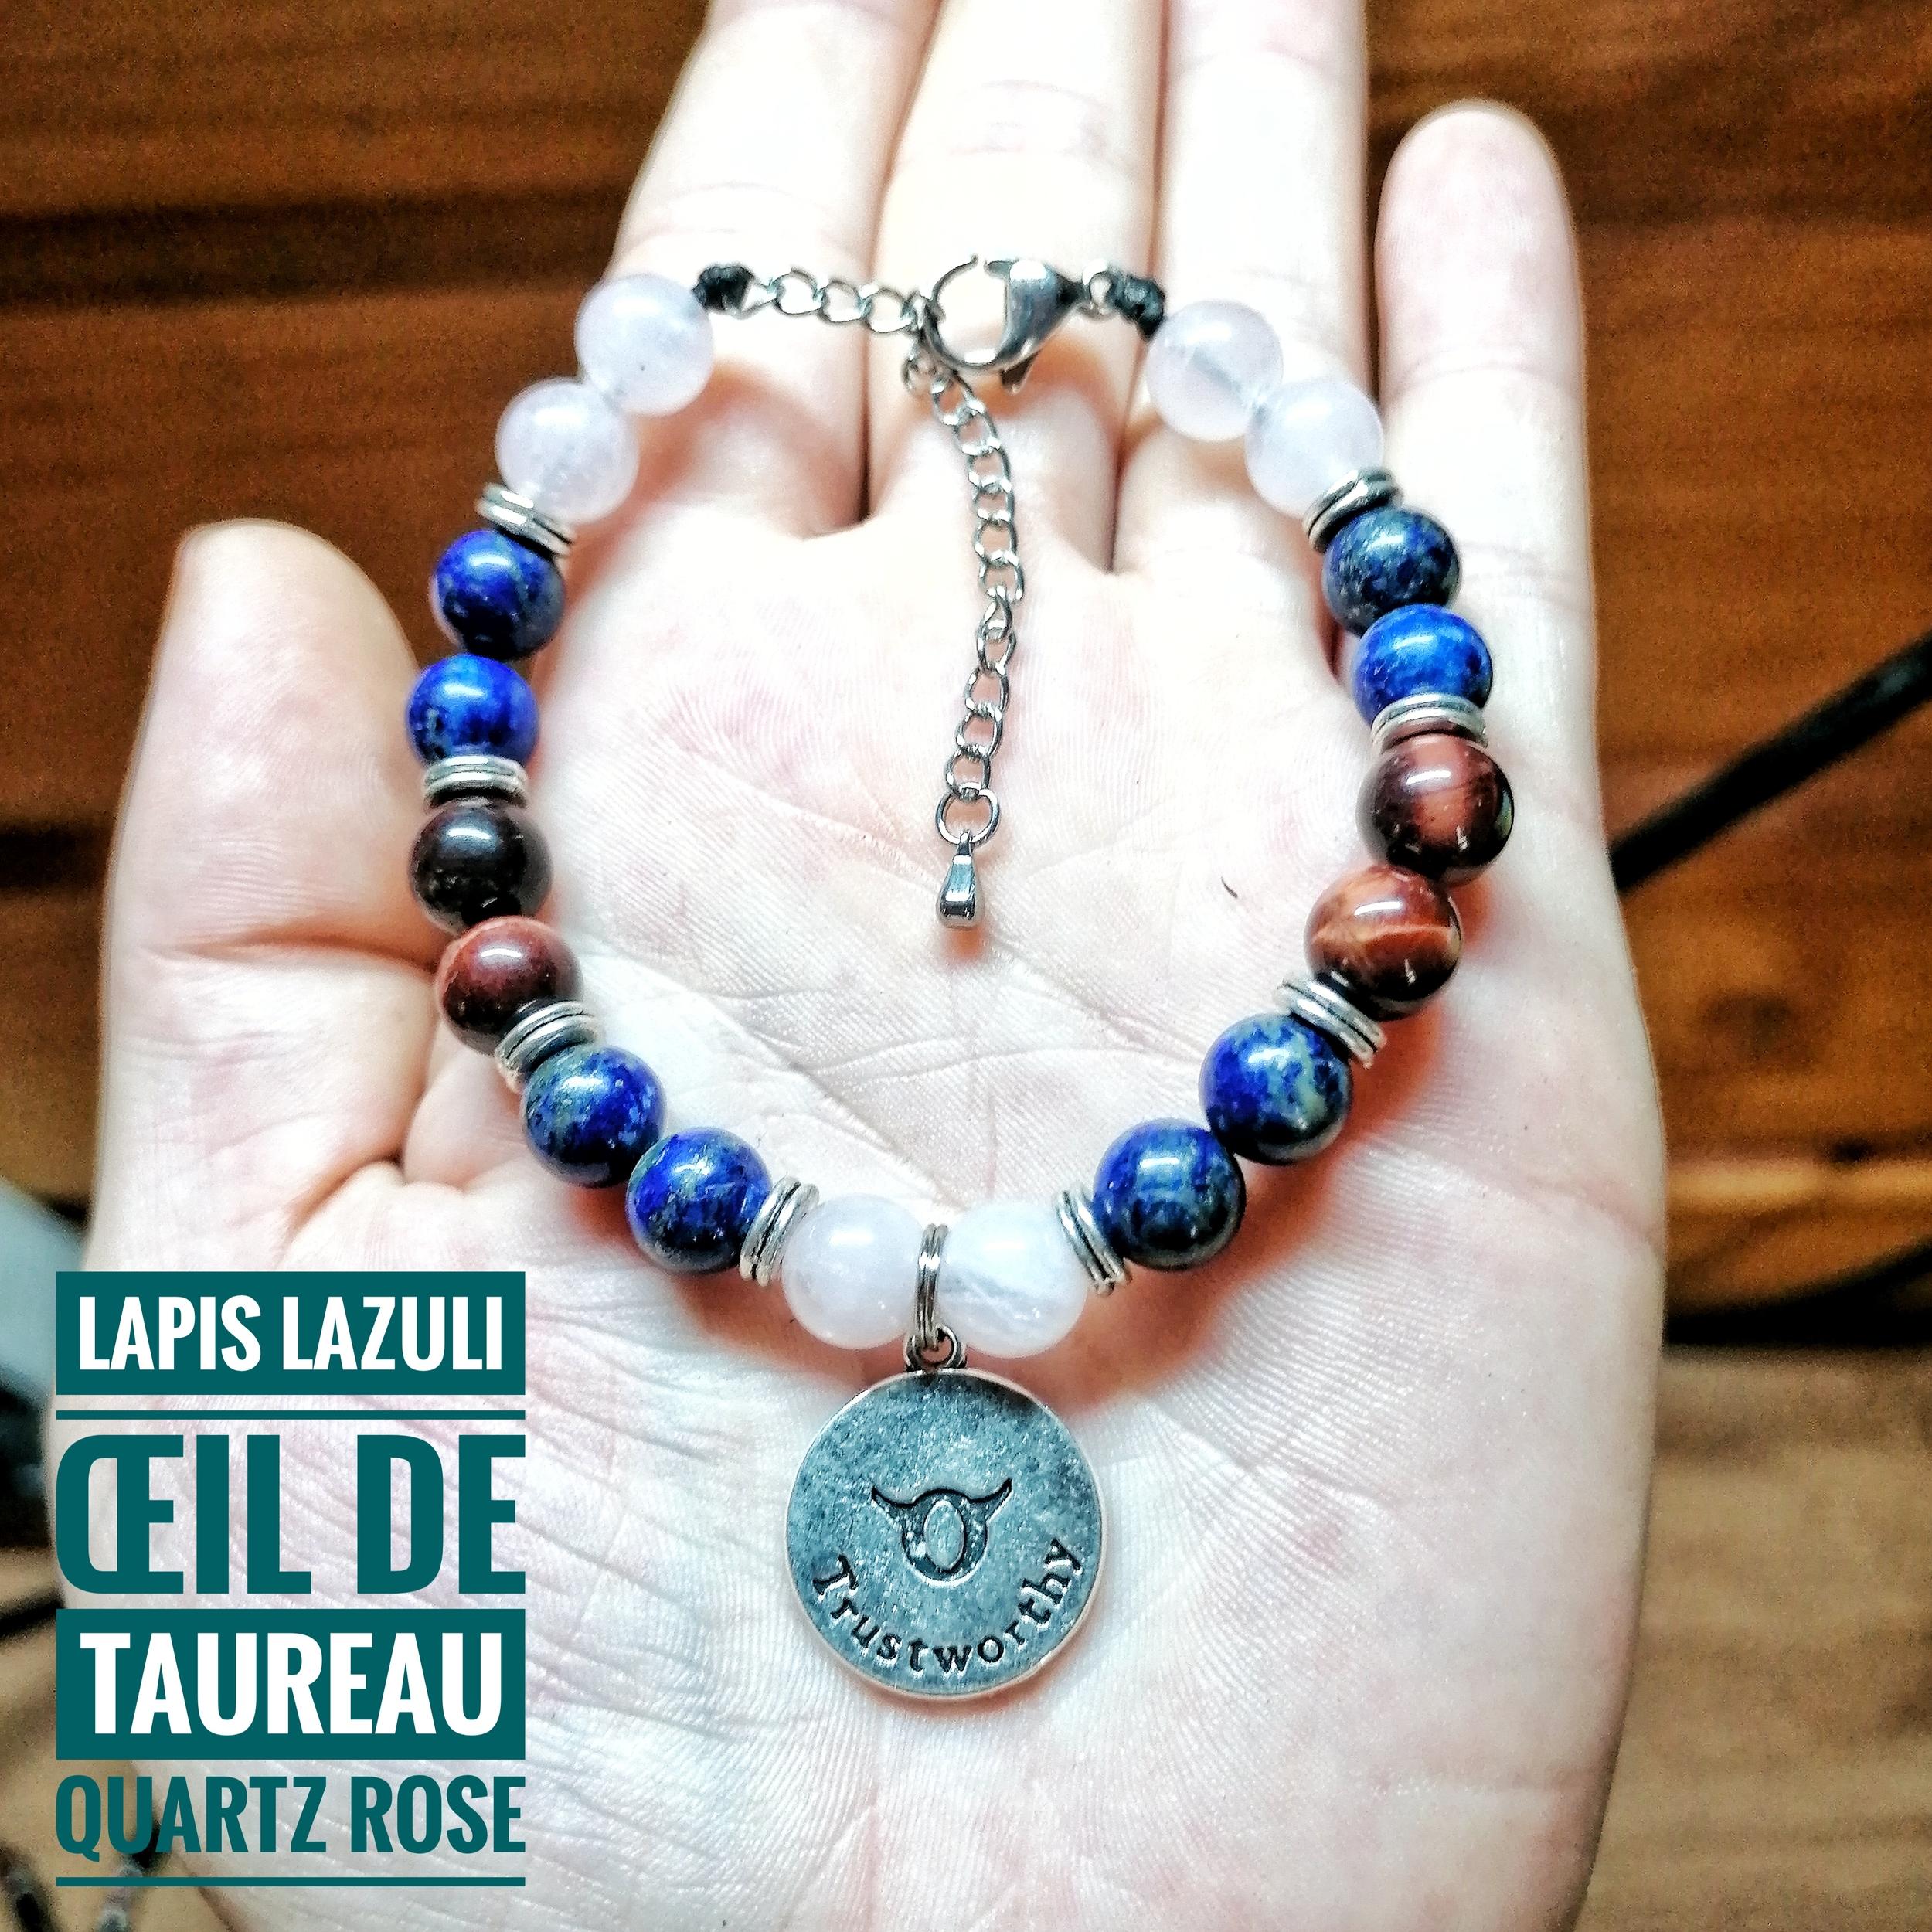 Bracelet spécial Taureau ♉ en Lapis Lazuli, Oeil de Taureau & Quartz rose